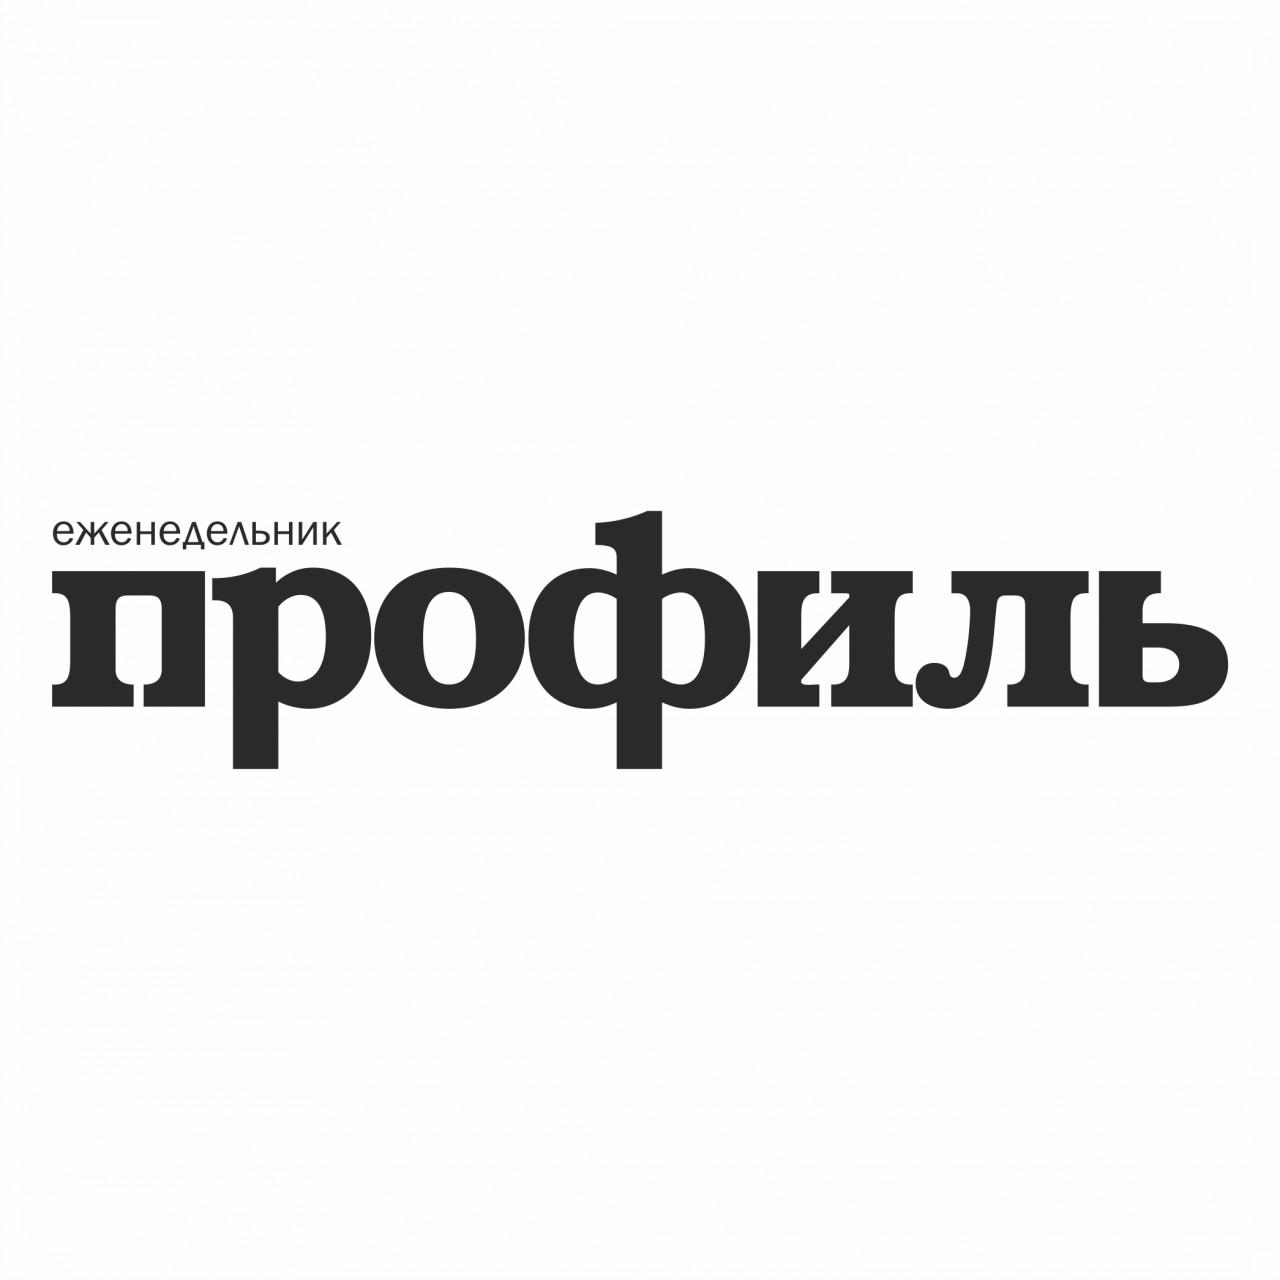 Глава ОЗХО назвал дозу «Новичка», которой были отравлены Скрипали